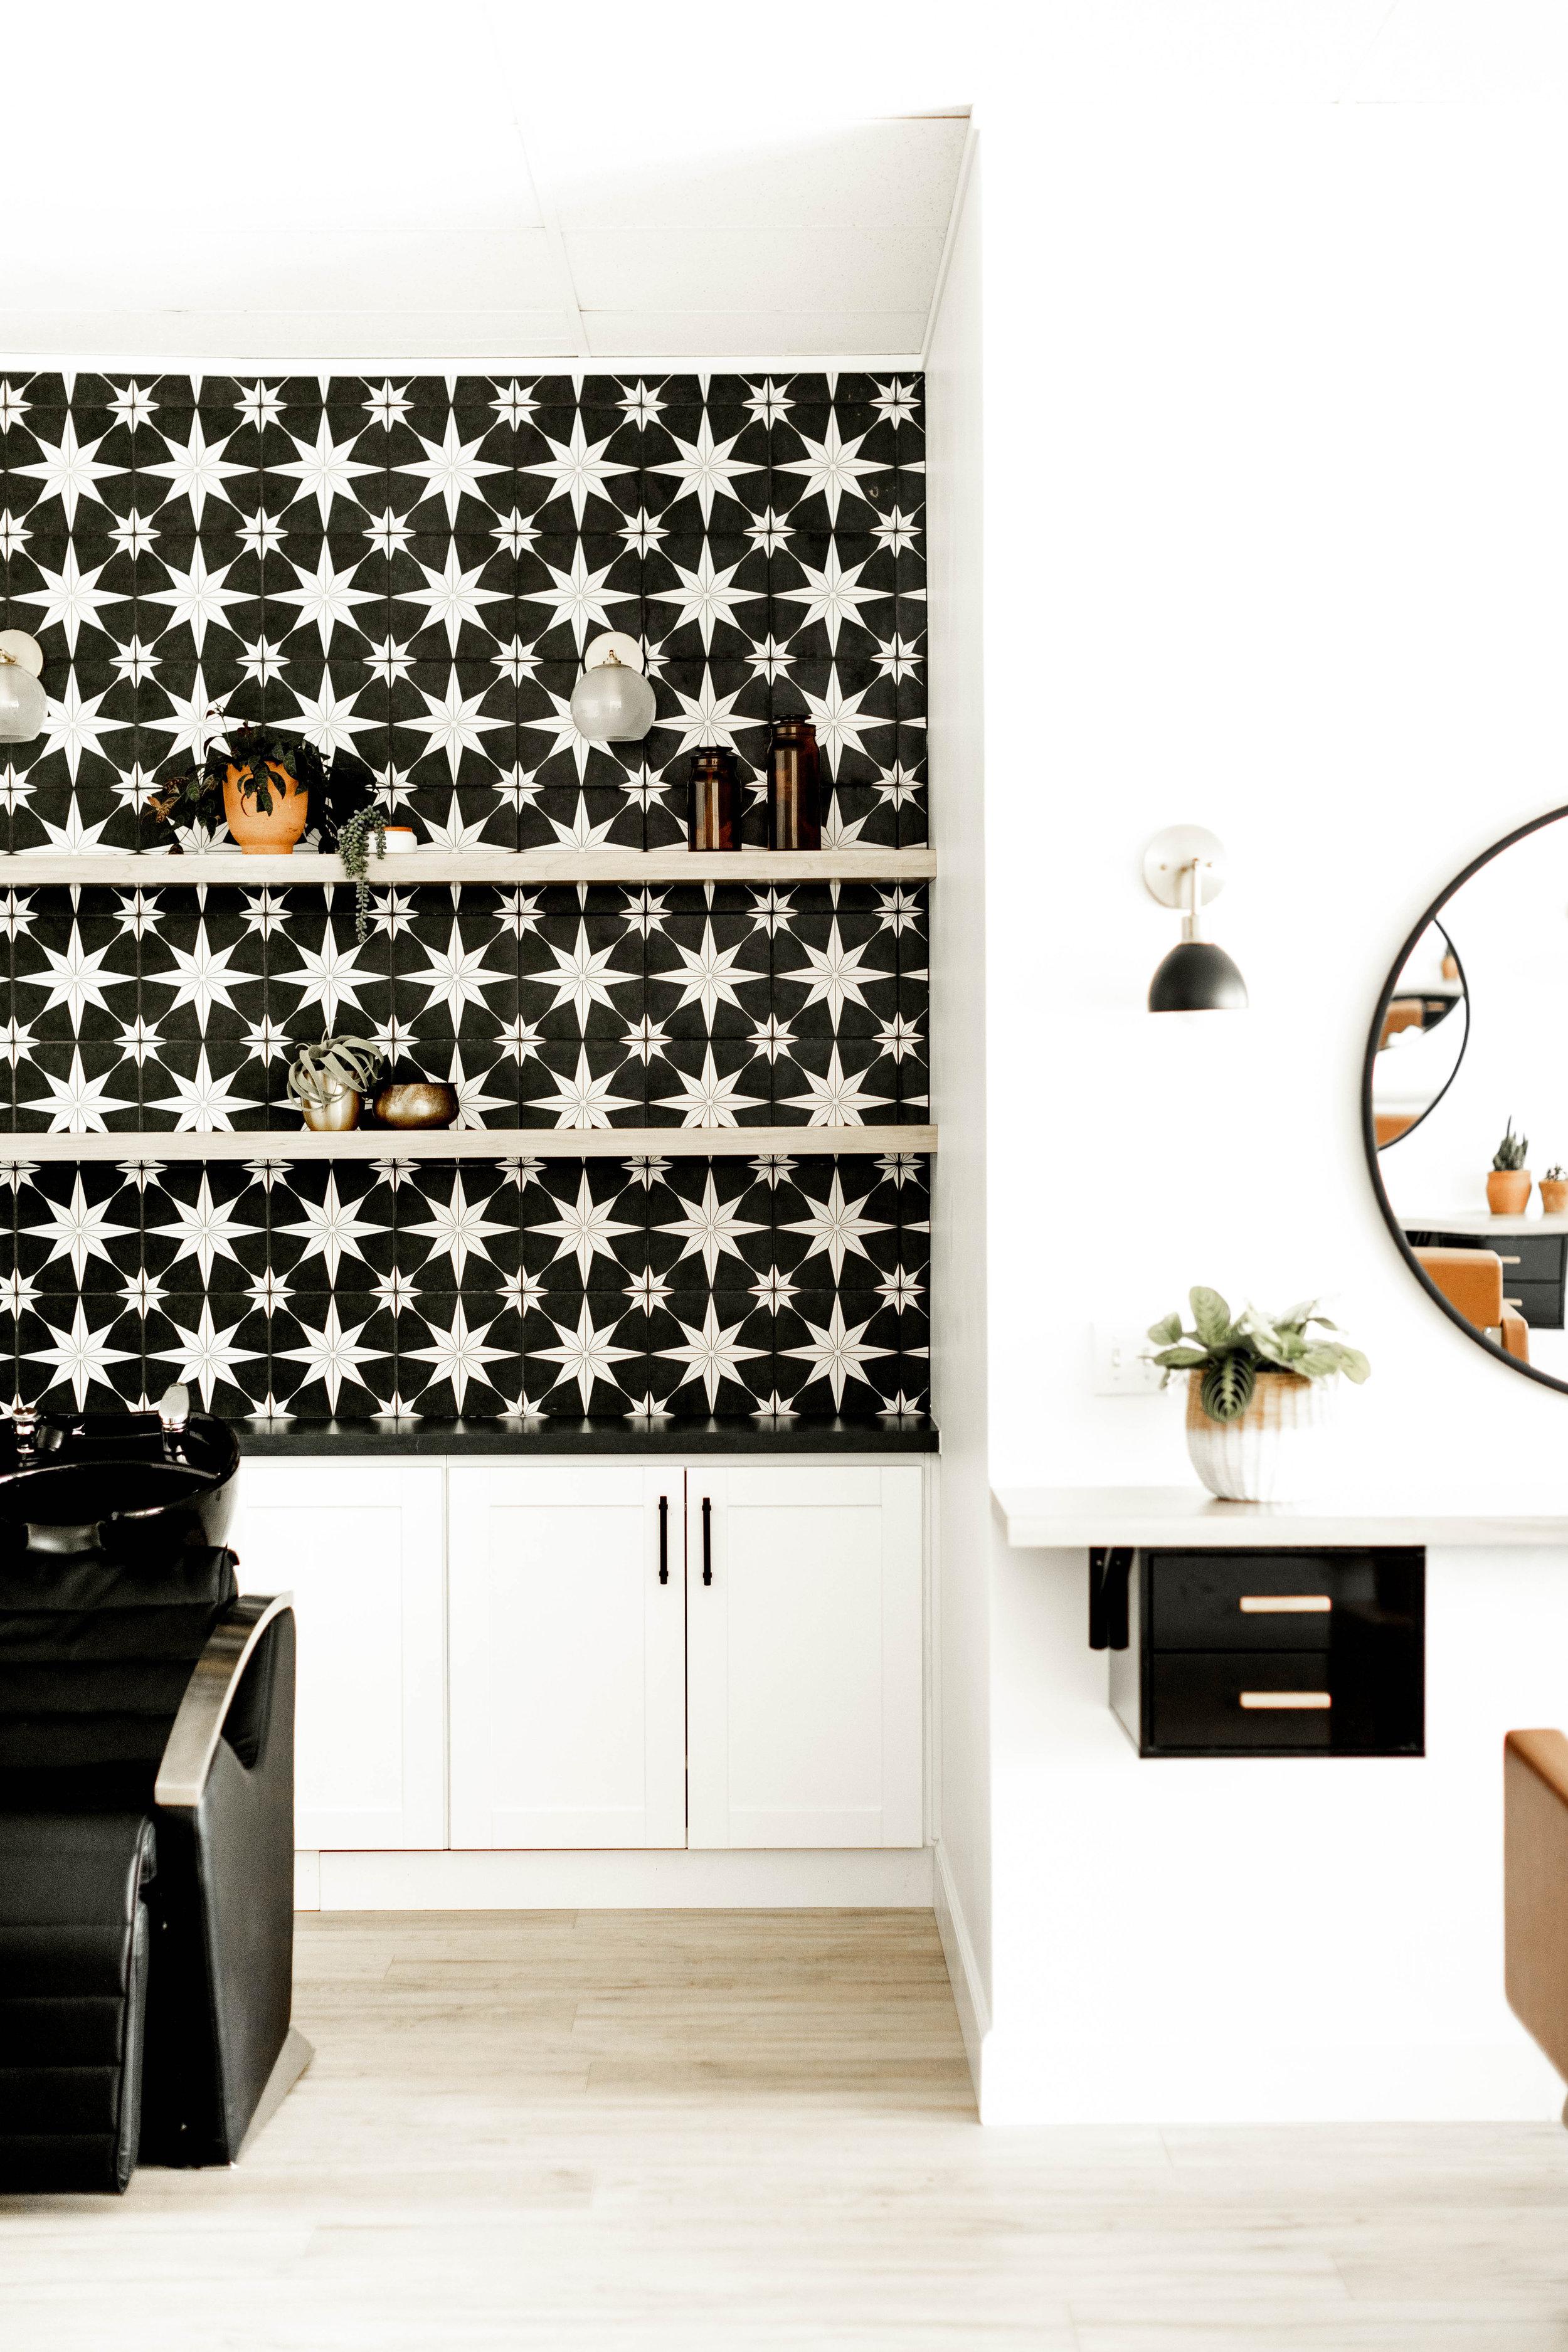 Morgan_Mullen_Design_Jaime_Nicole_Salon_-_The_Zamudios-47.jpg